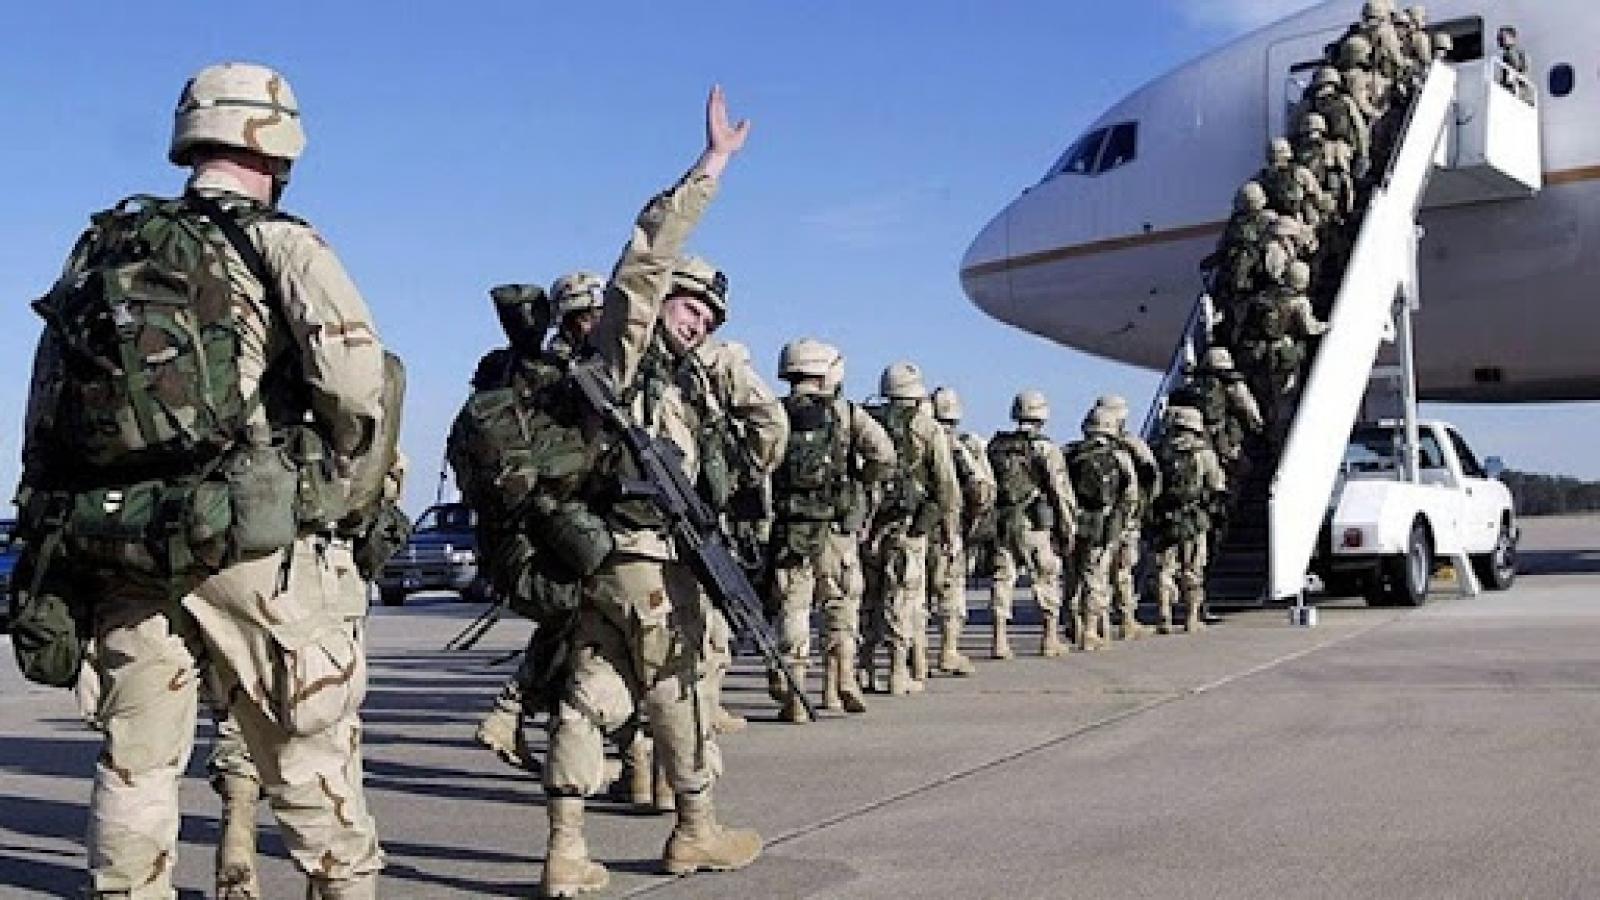 Afghanistan hỗn loạn và rối ren sau khi Mỹ rút hết quân, điều gì sẽ xảy ra tiếp theo?